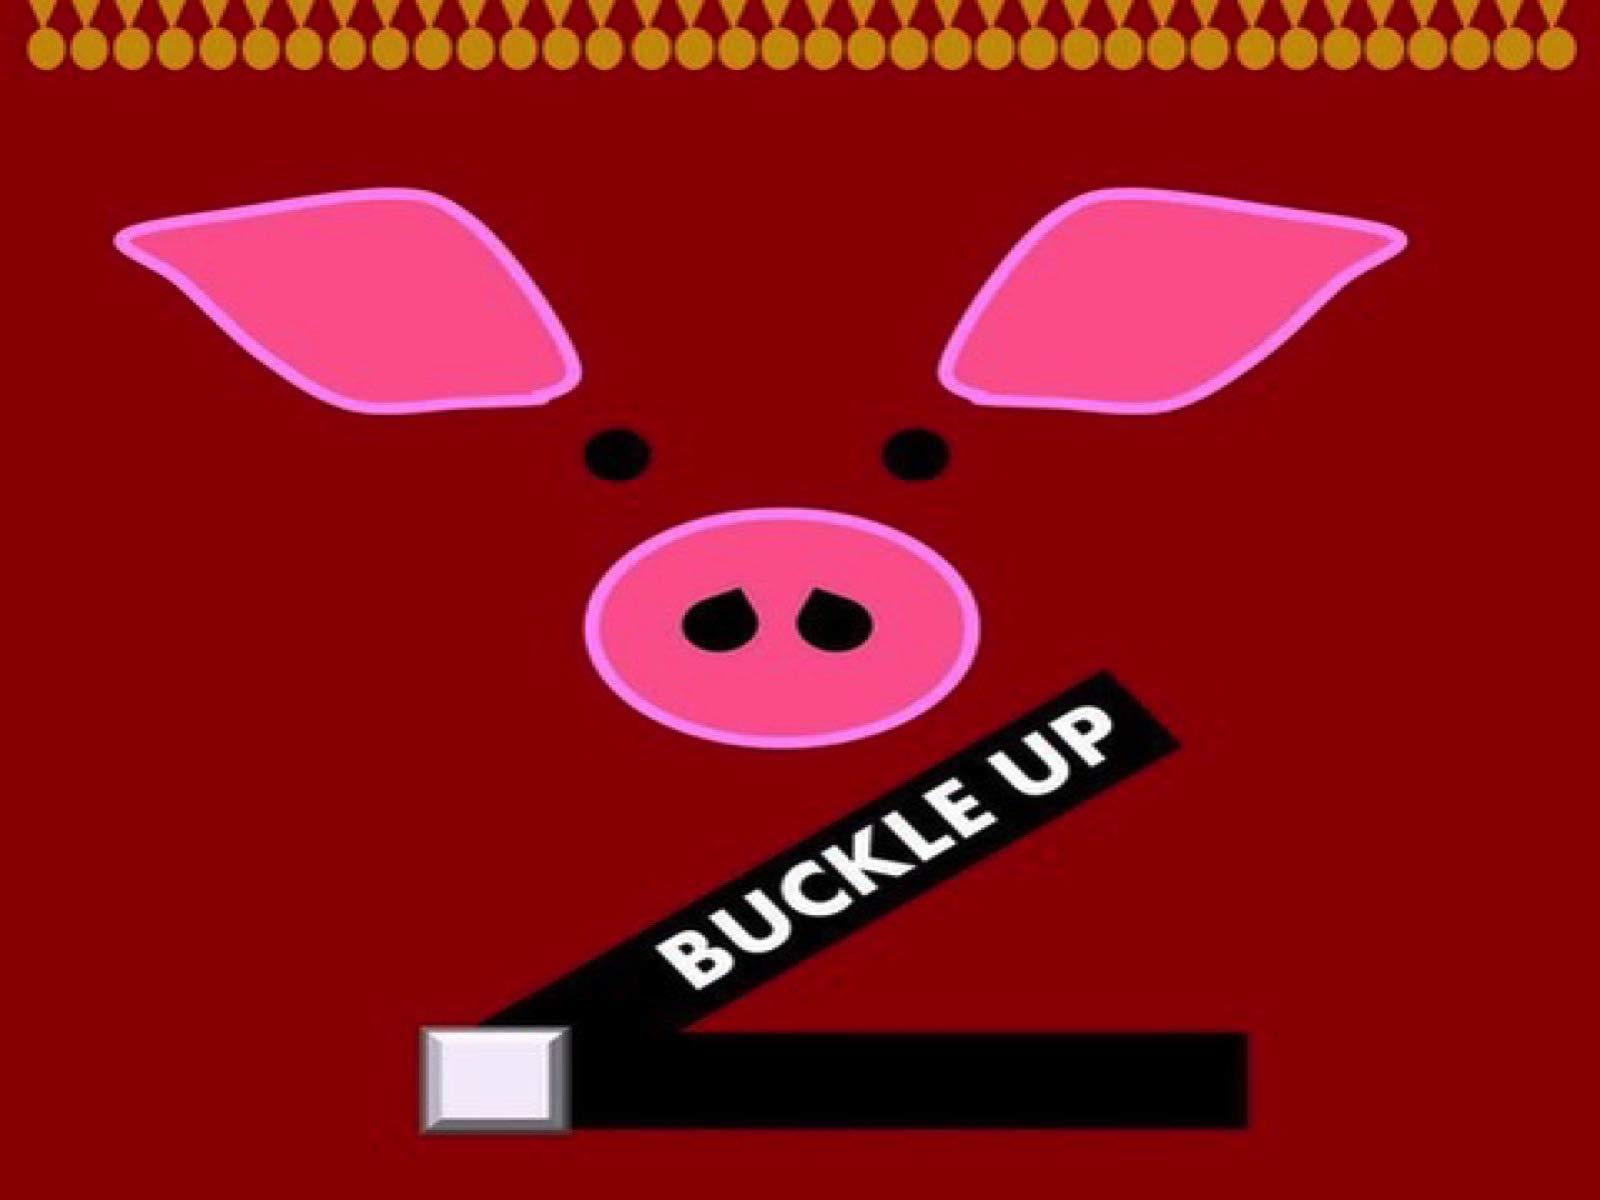 Buckle Up on Amazon Prime Video UK